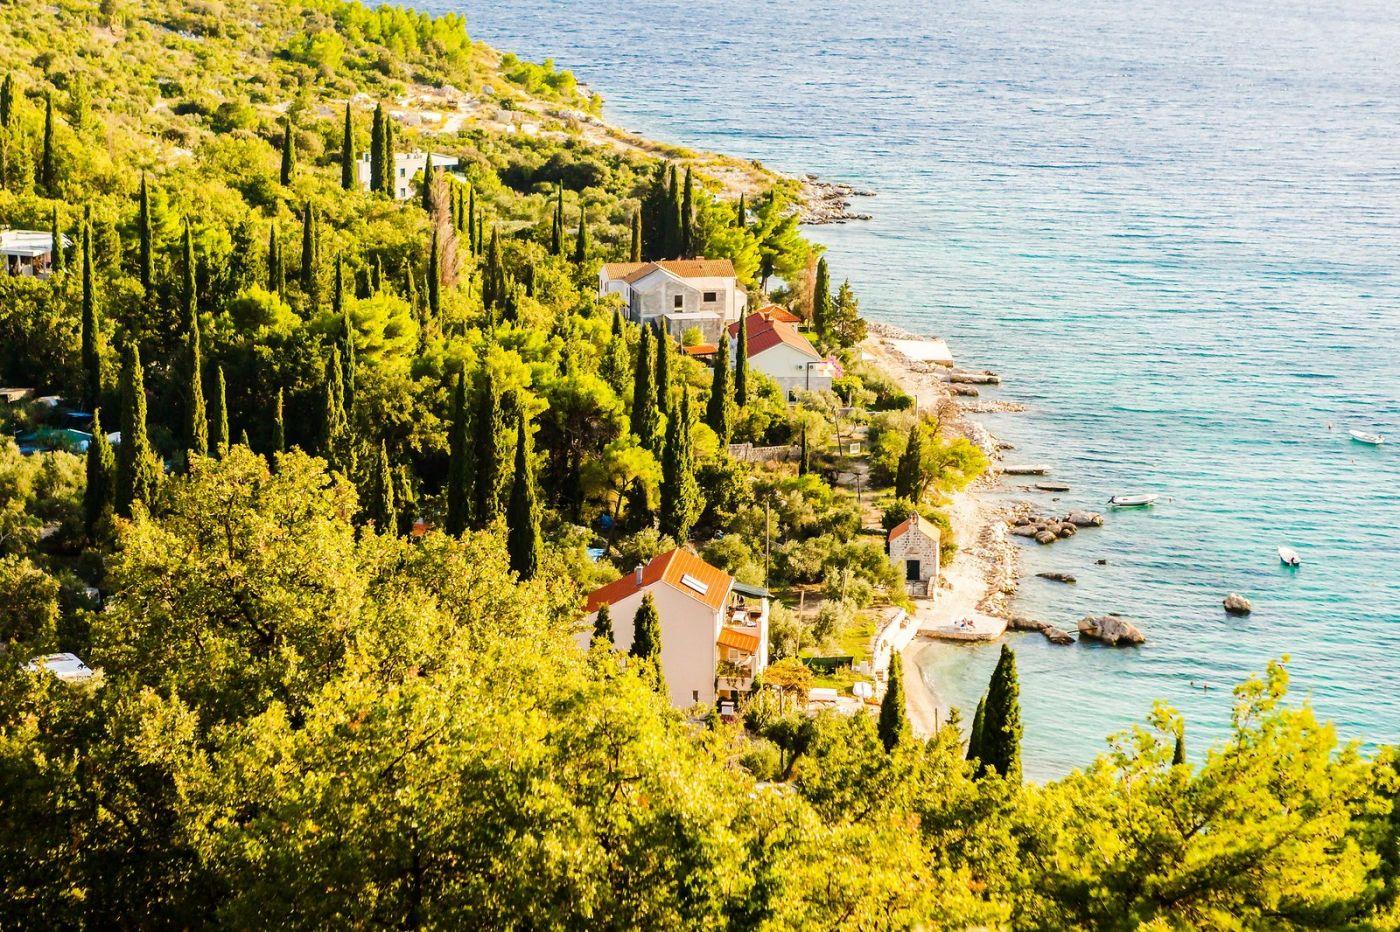 克罗地亚旅途,海岸线景色_图1-7